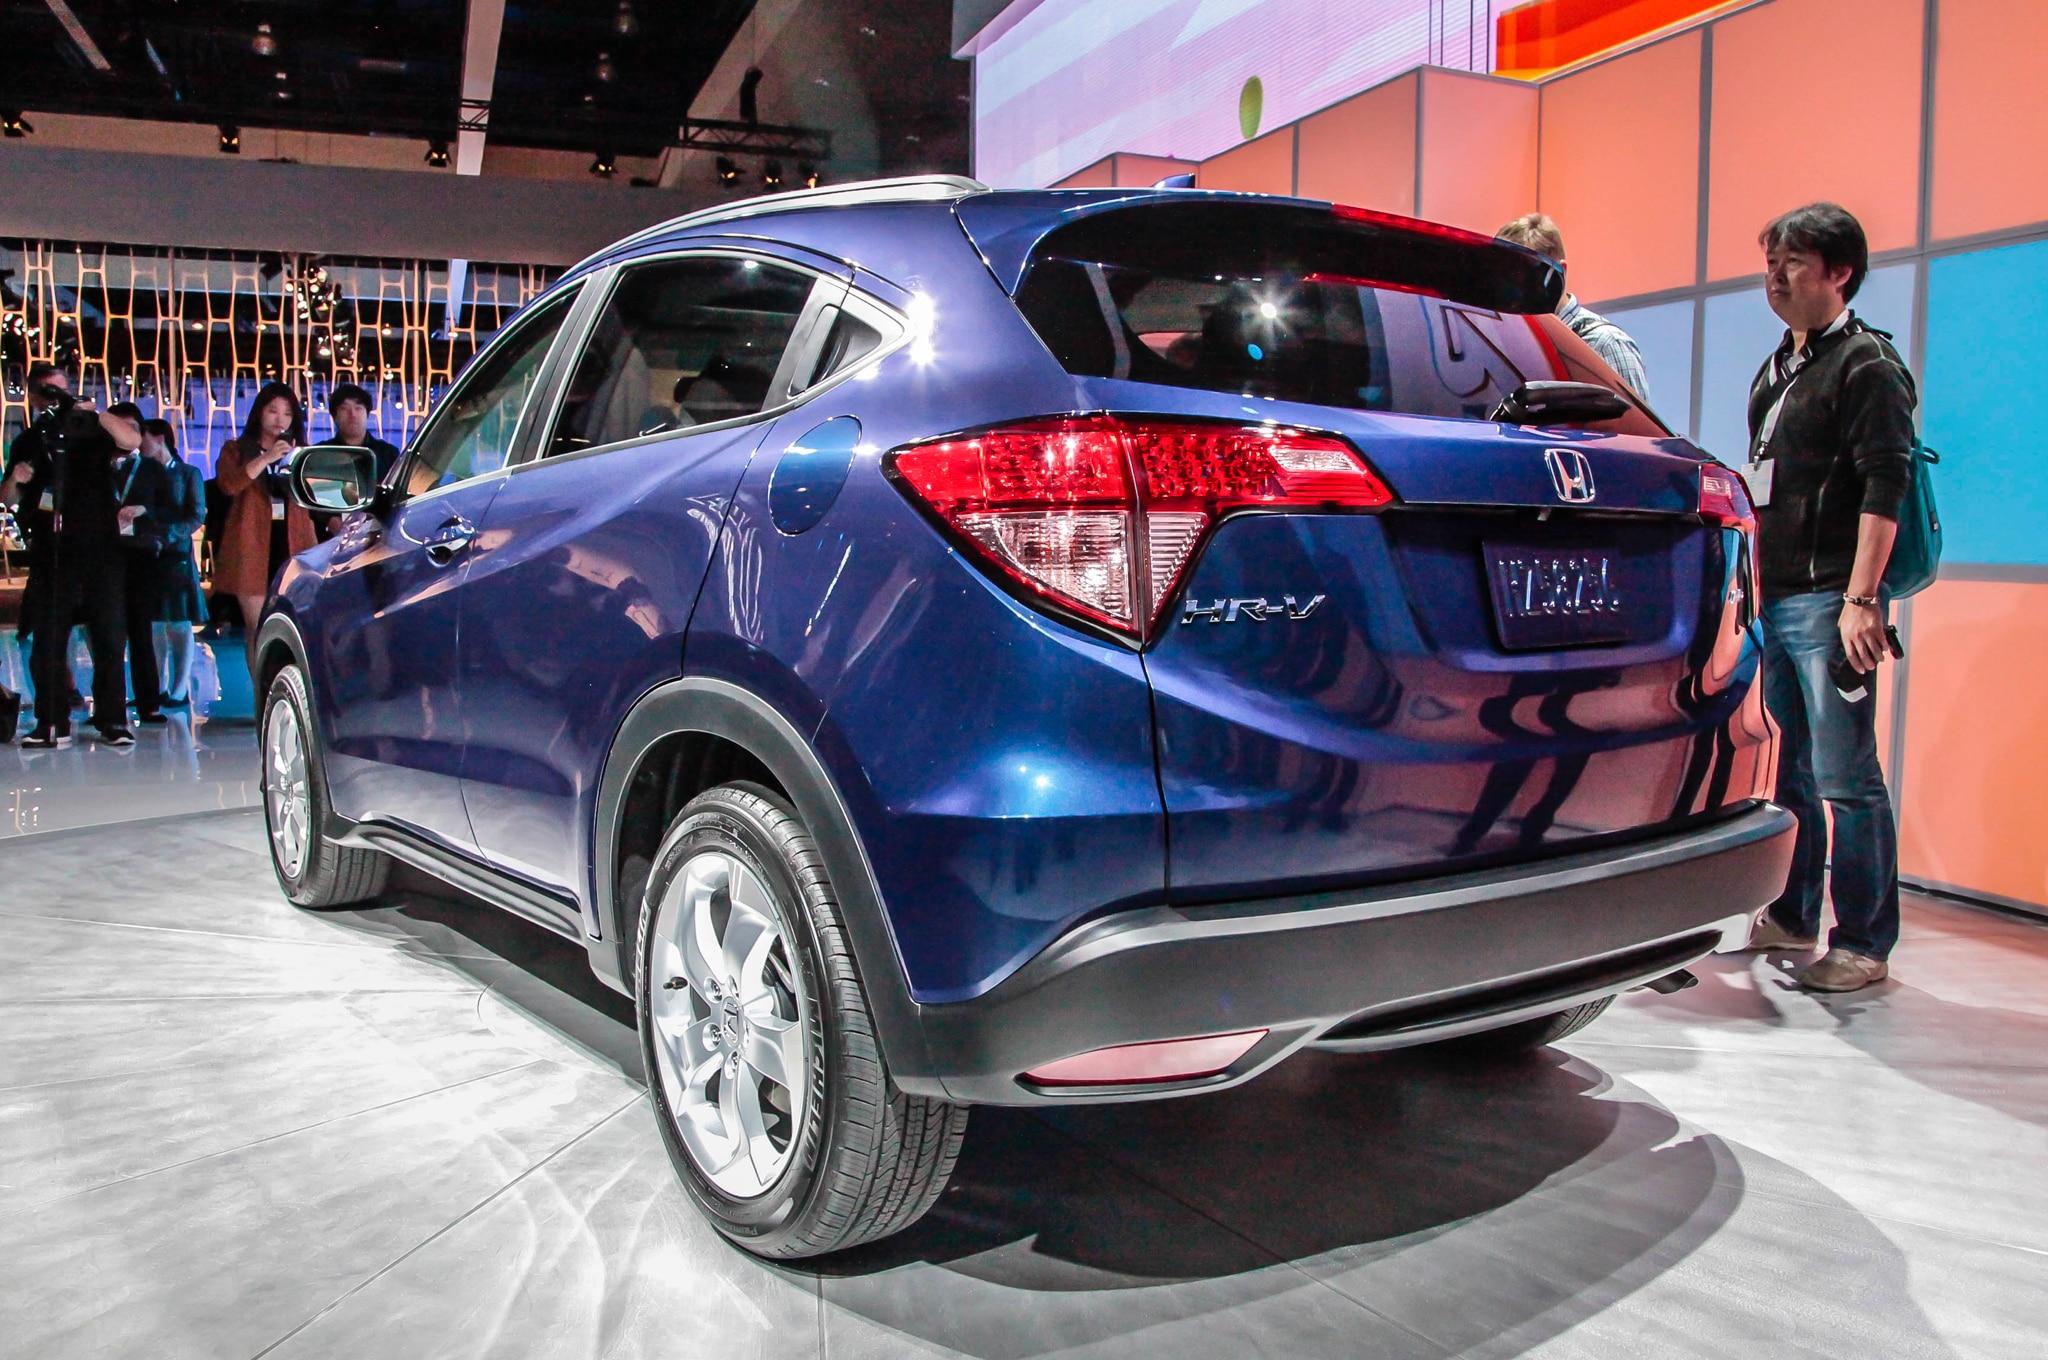 2016 Honda HR-V Uses Civic's 1.8-Liter Engine